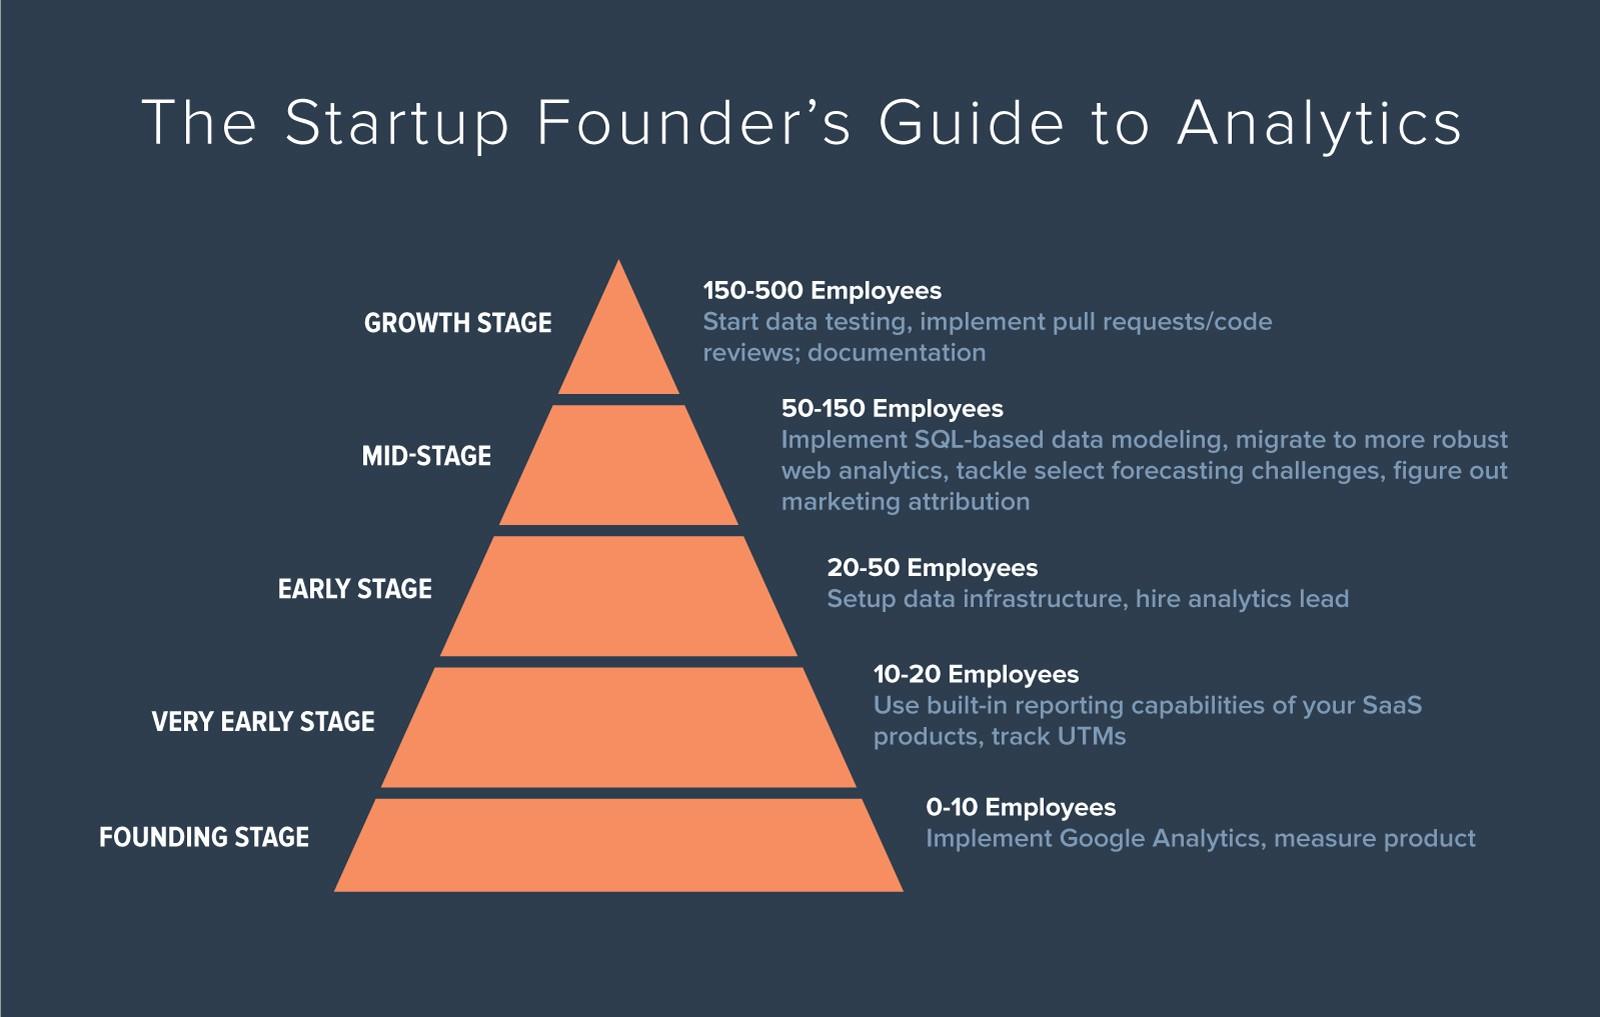 Руководство по аналитике для основателя стартапа